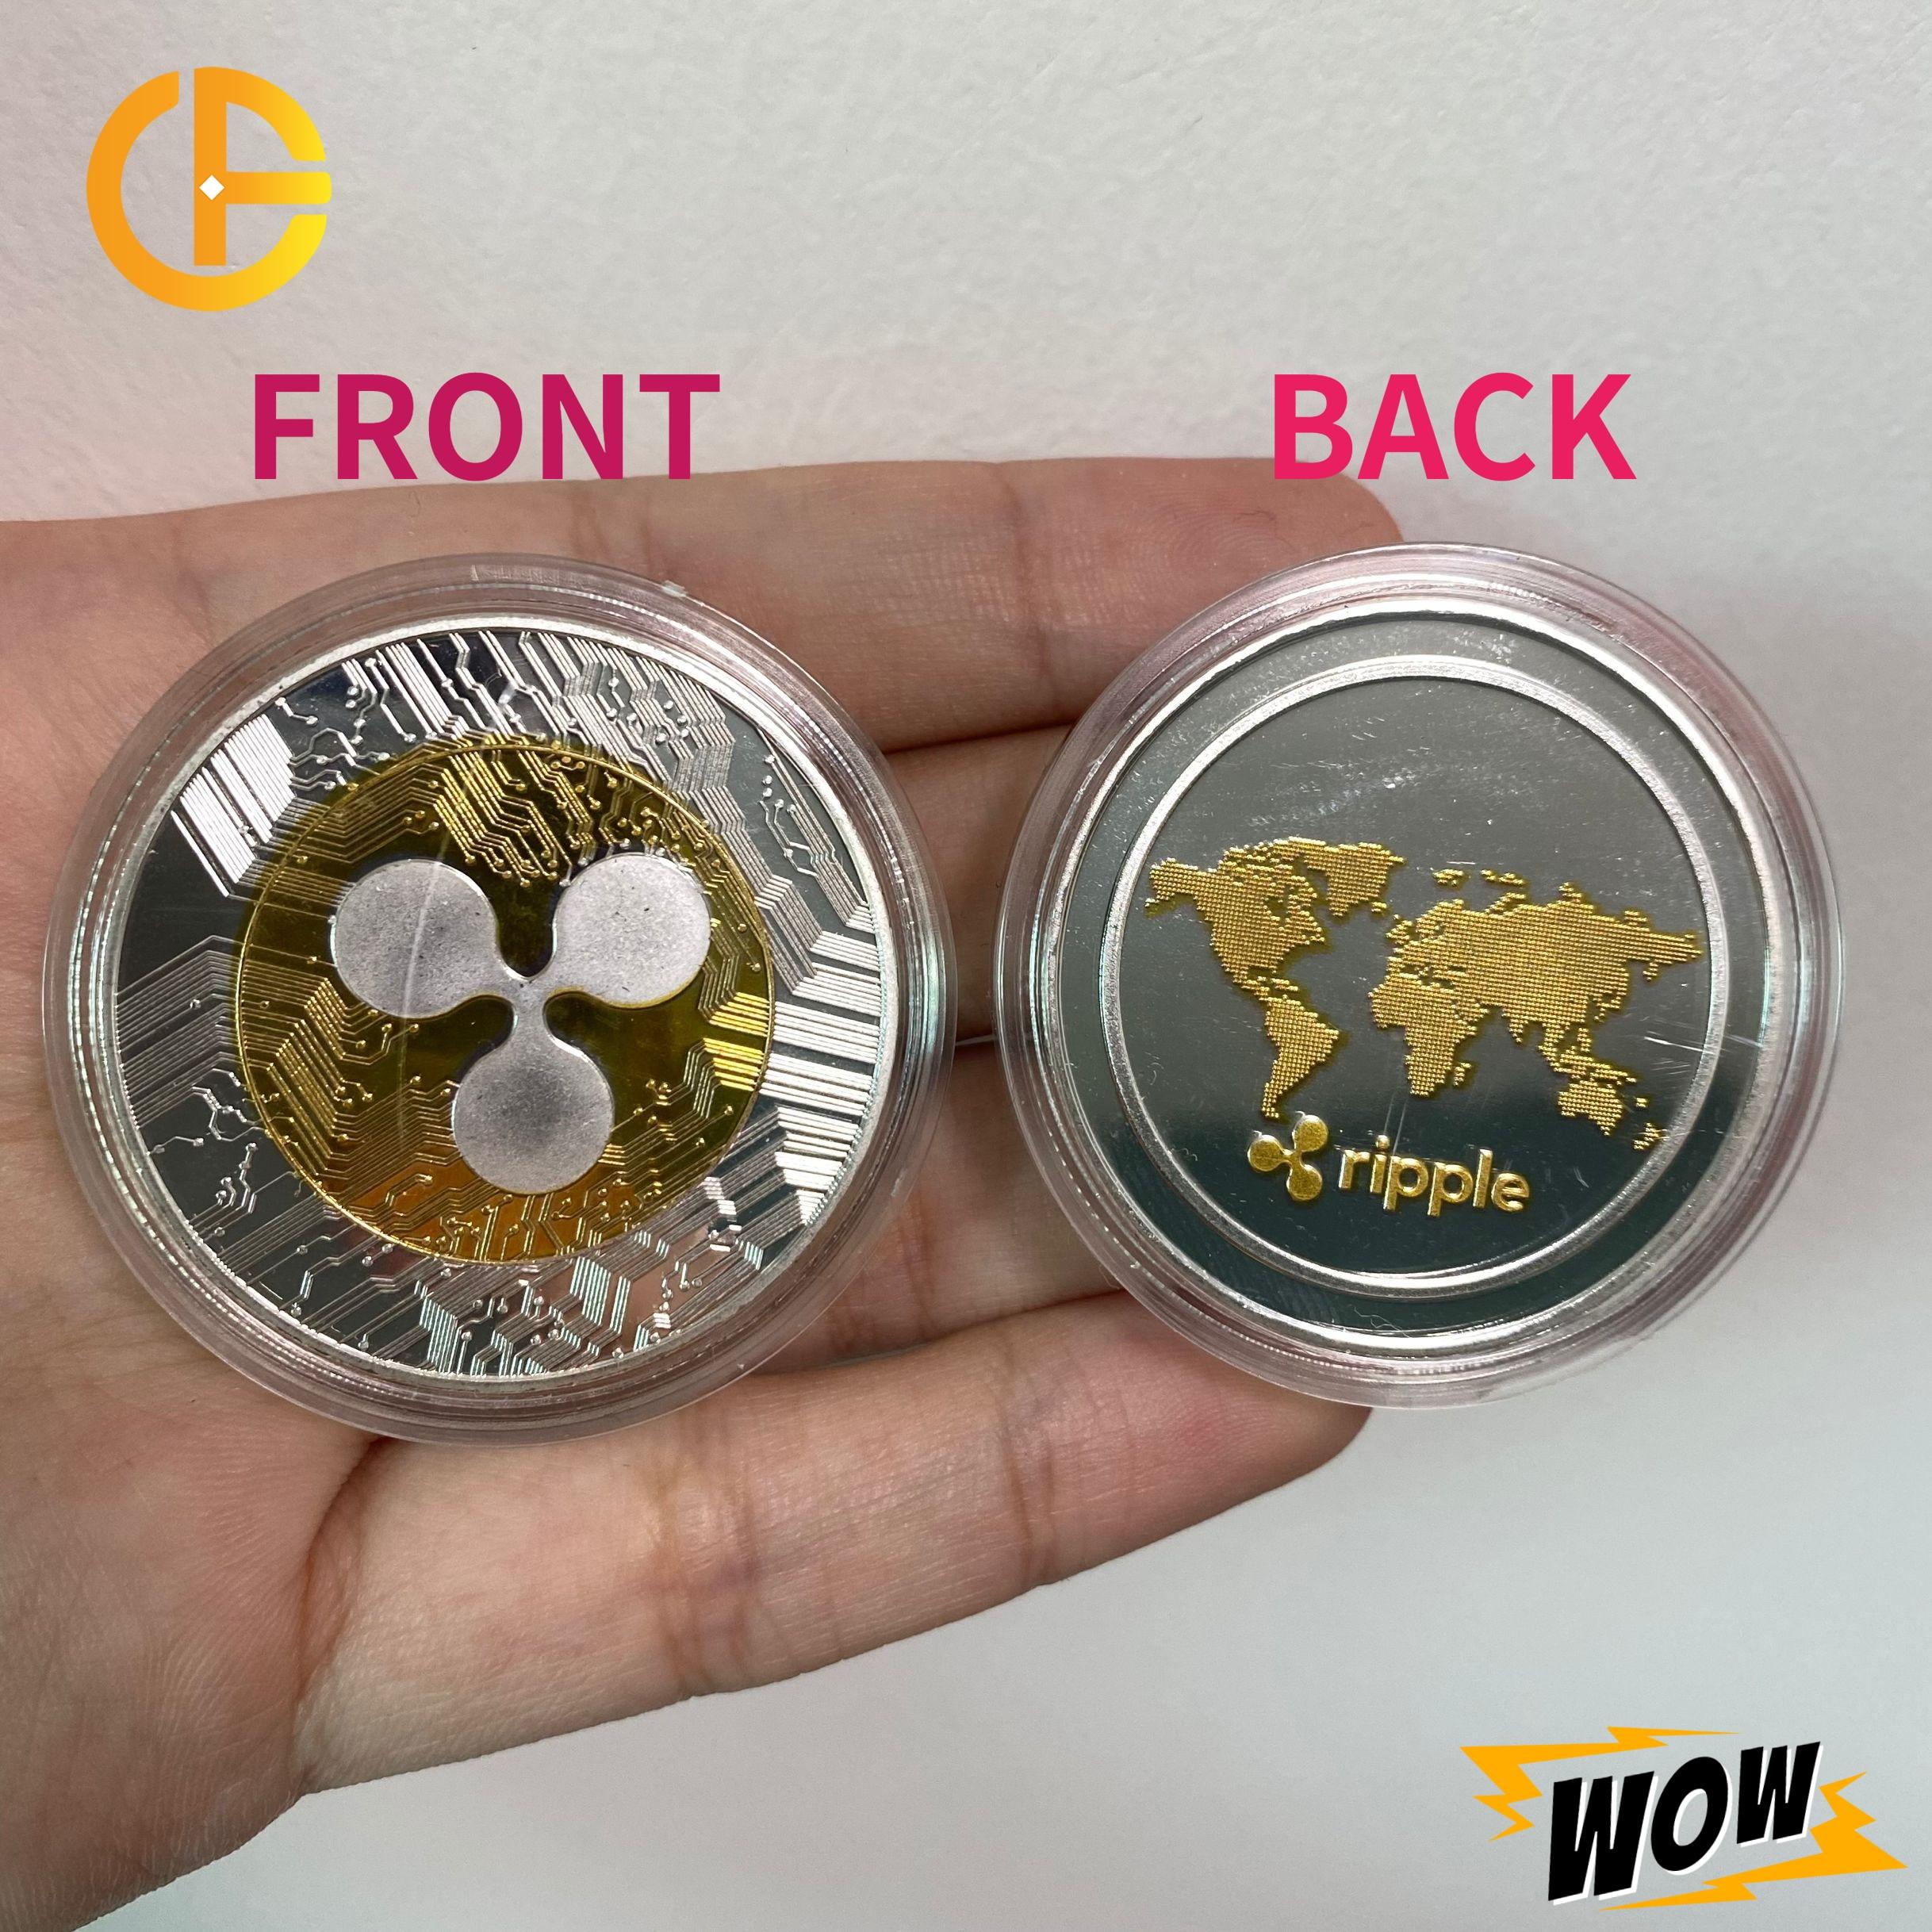 FLC волнистая невалютная монета, физическая серебряная и позолоченная памятная криптовалюта, коллекционный отличный подарок